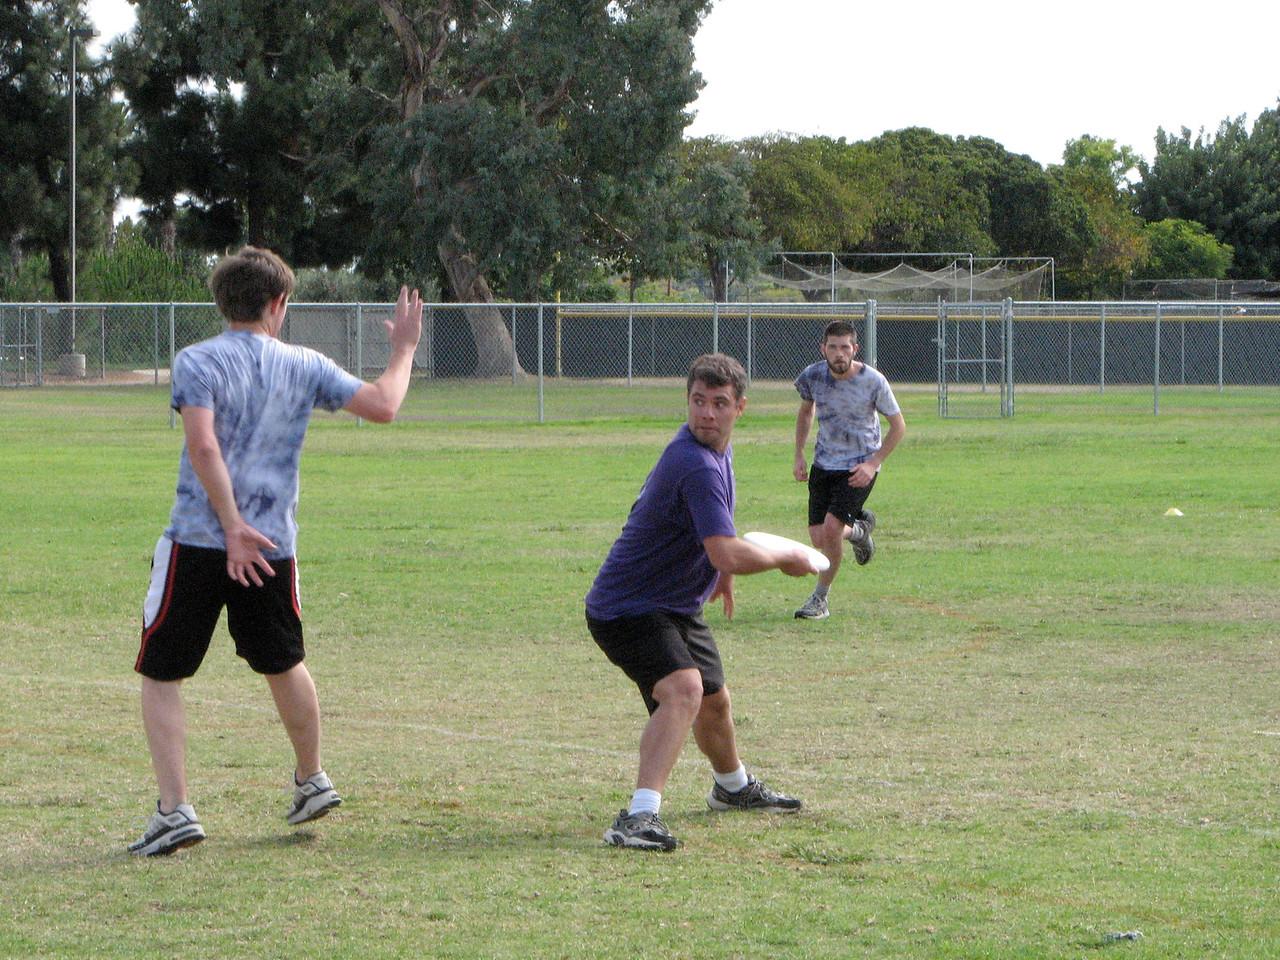 2006 10 13 Fri - Brian Smith about to throw around blocker